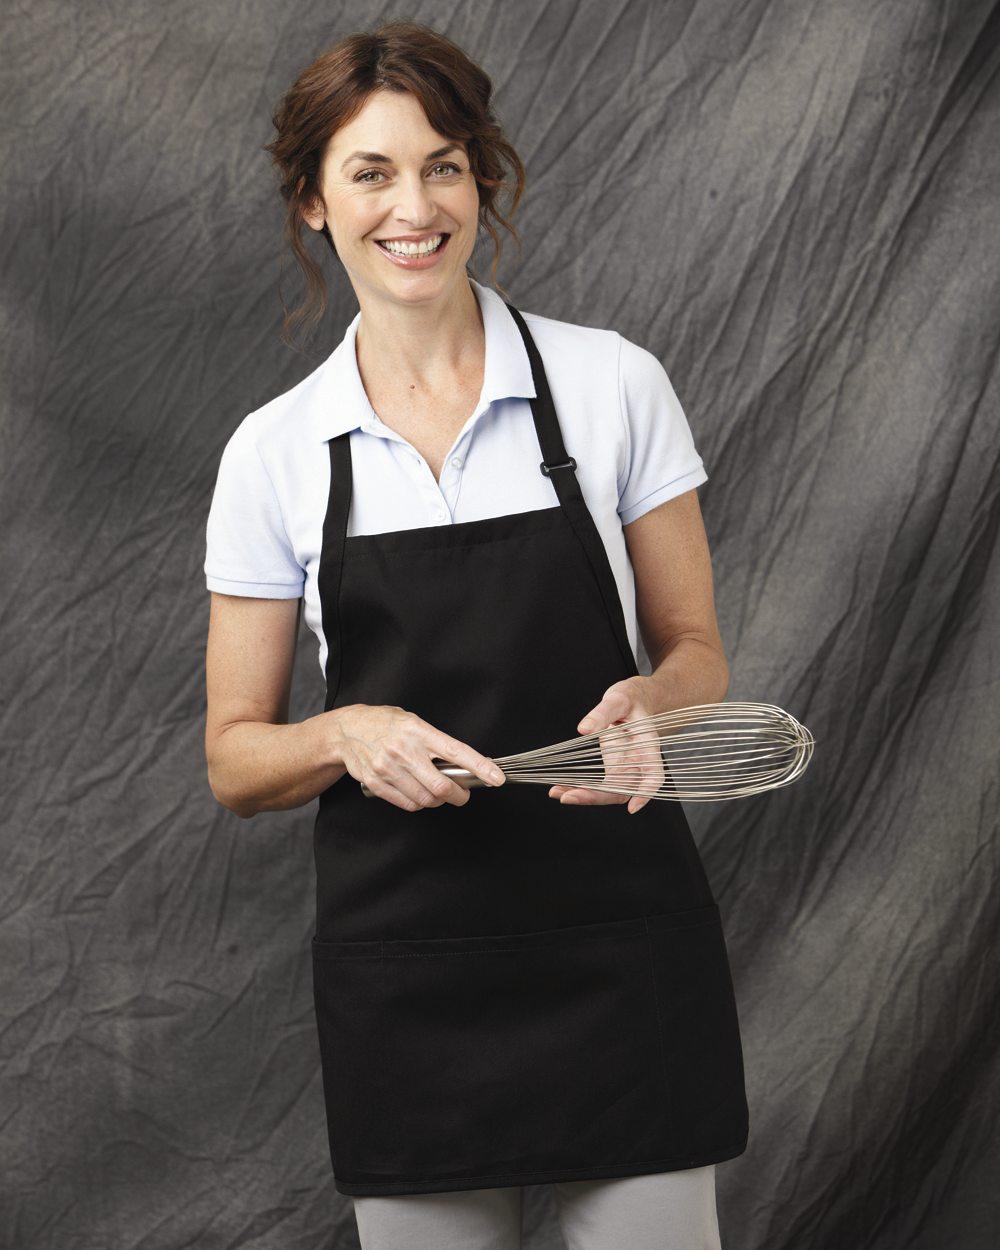 Chef Designs TT32 Short Premium Bib Apron